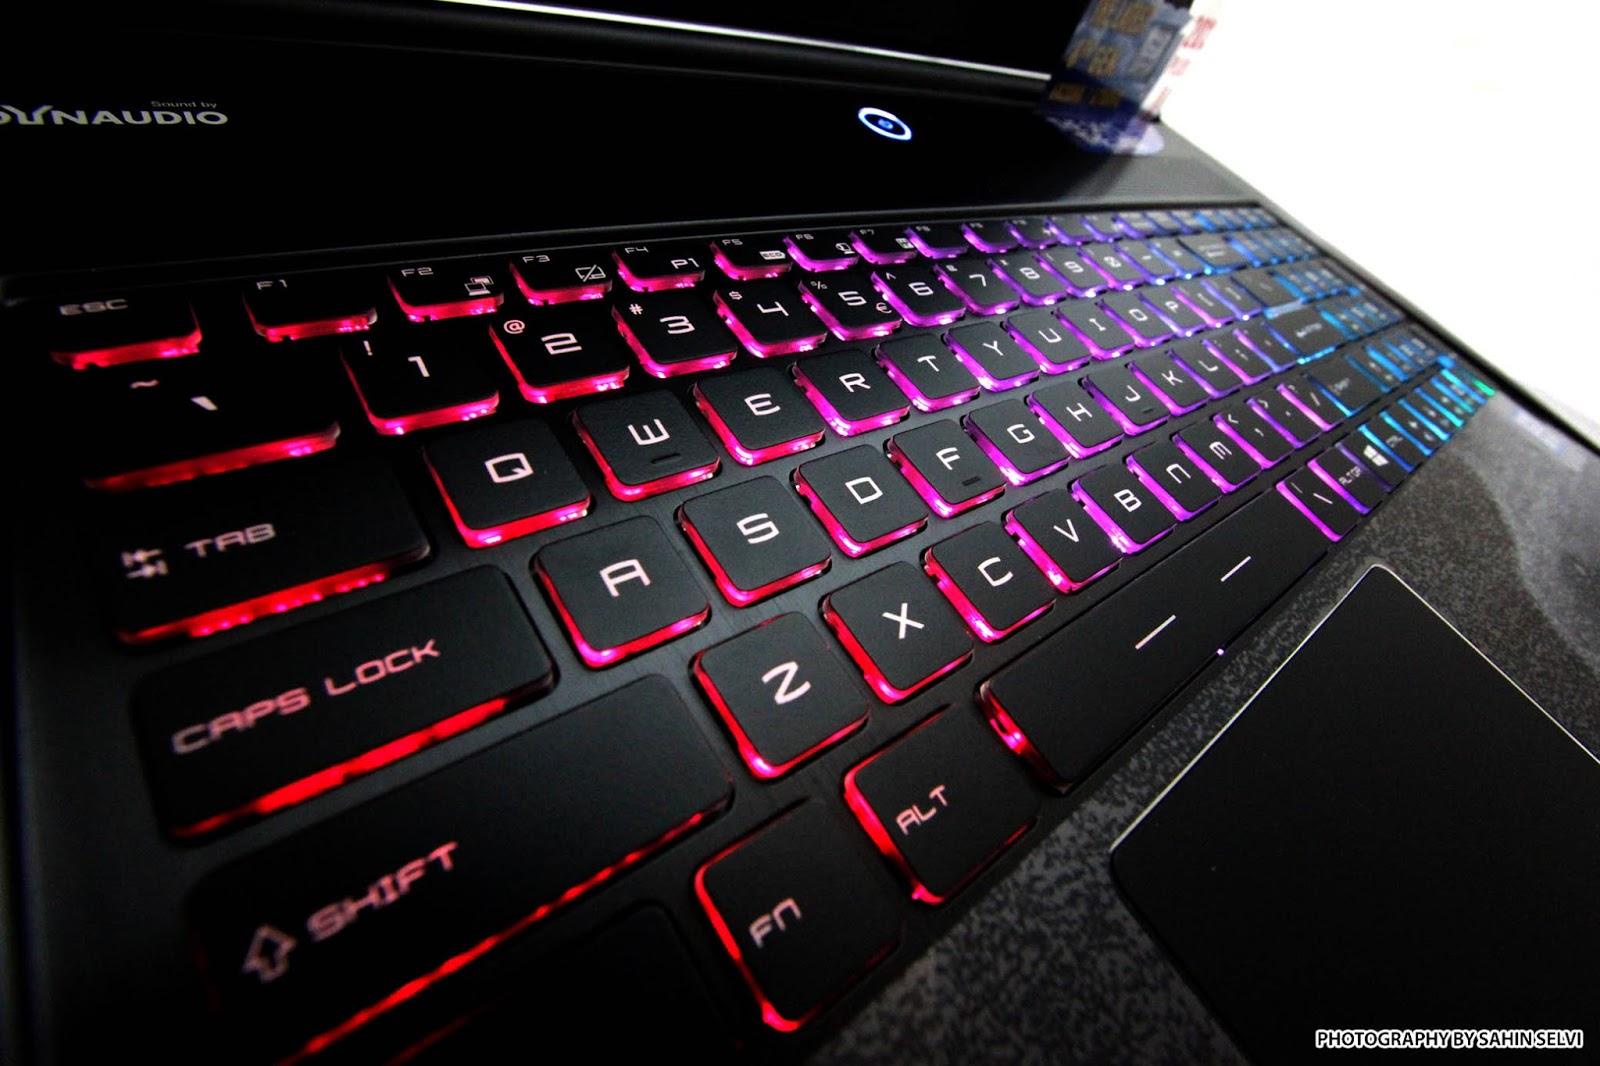 Centre Com: MSI GS60 6QE-055 Laptop Review